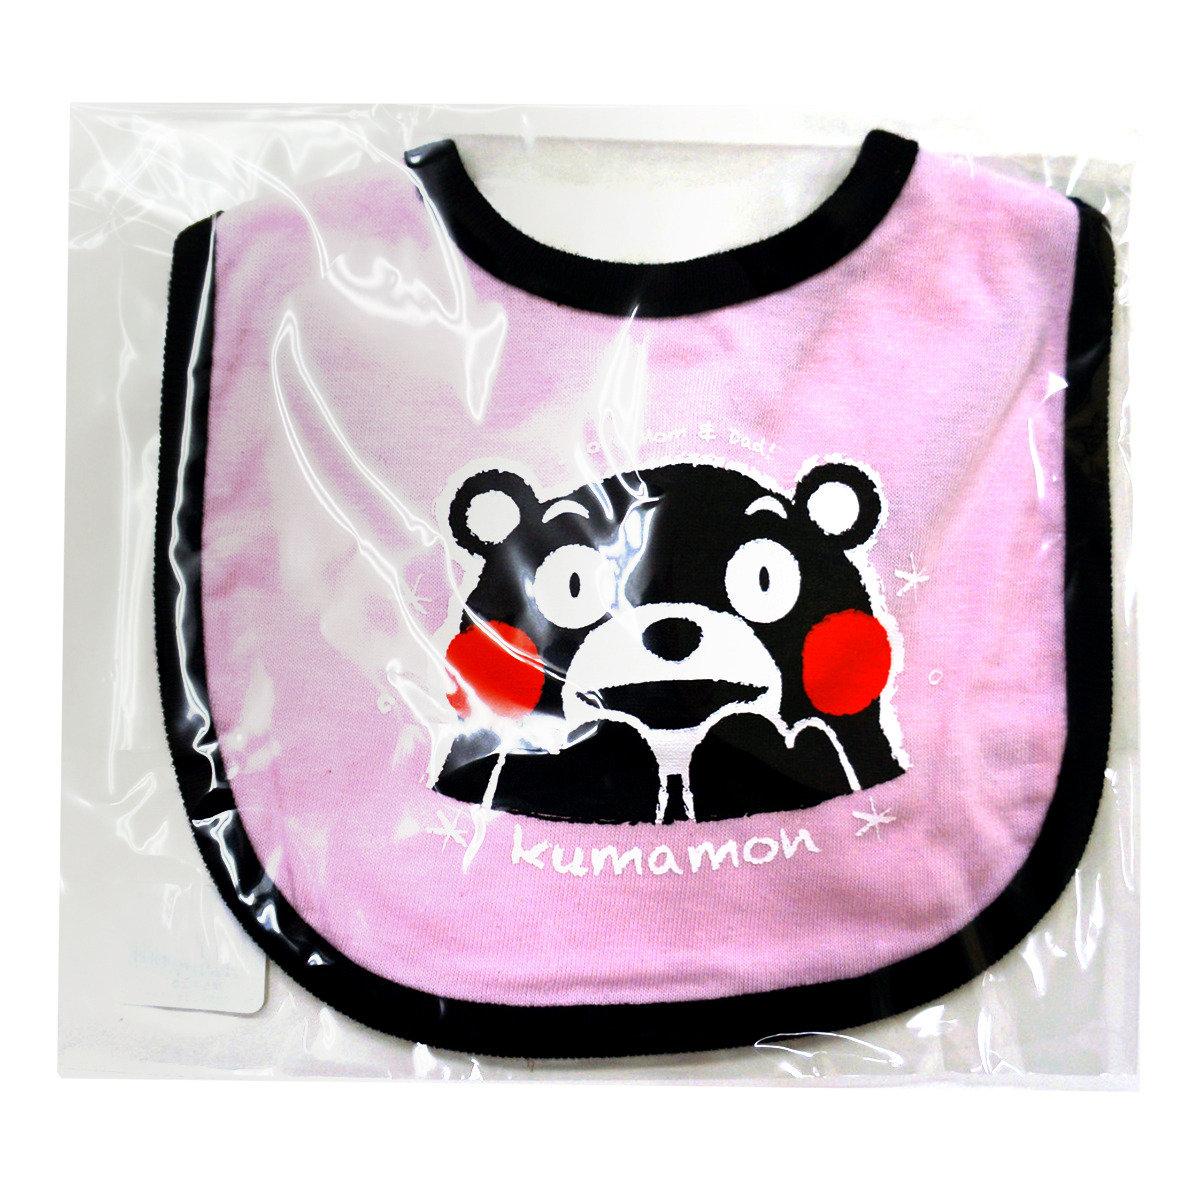 KUMAMON 嬰兒口水肩 (粉紅)